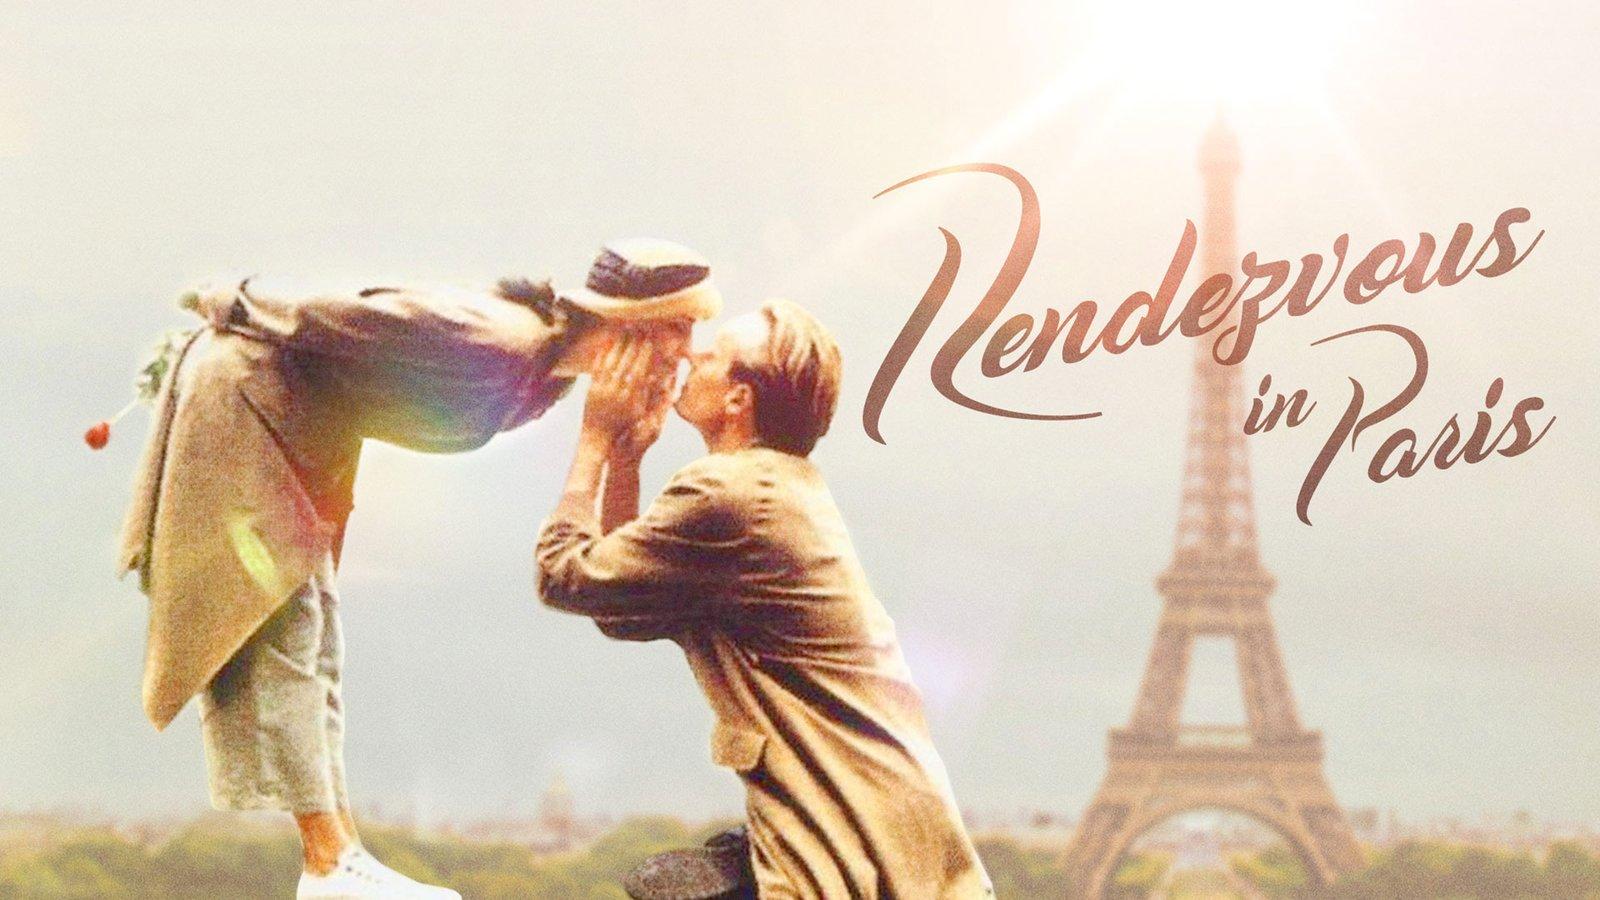 Rendezvous in Paris - Les rendez-vous de Paris